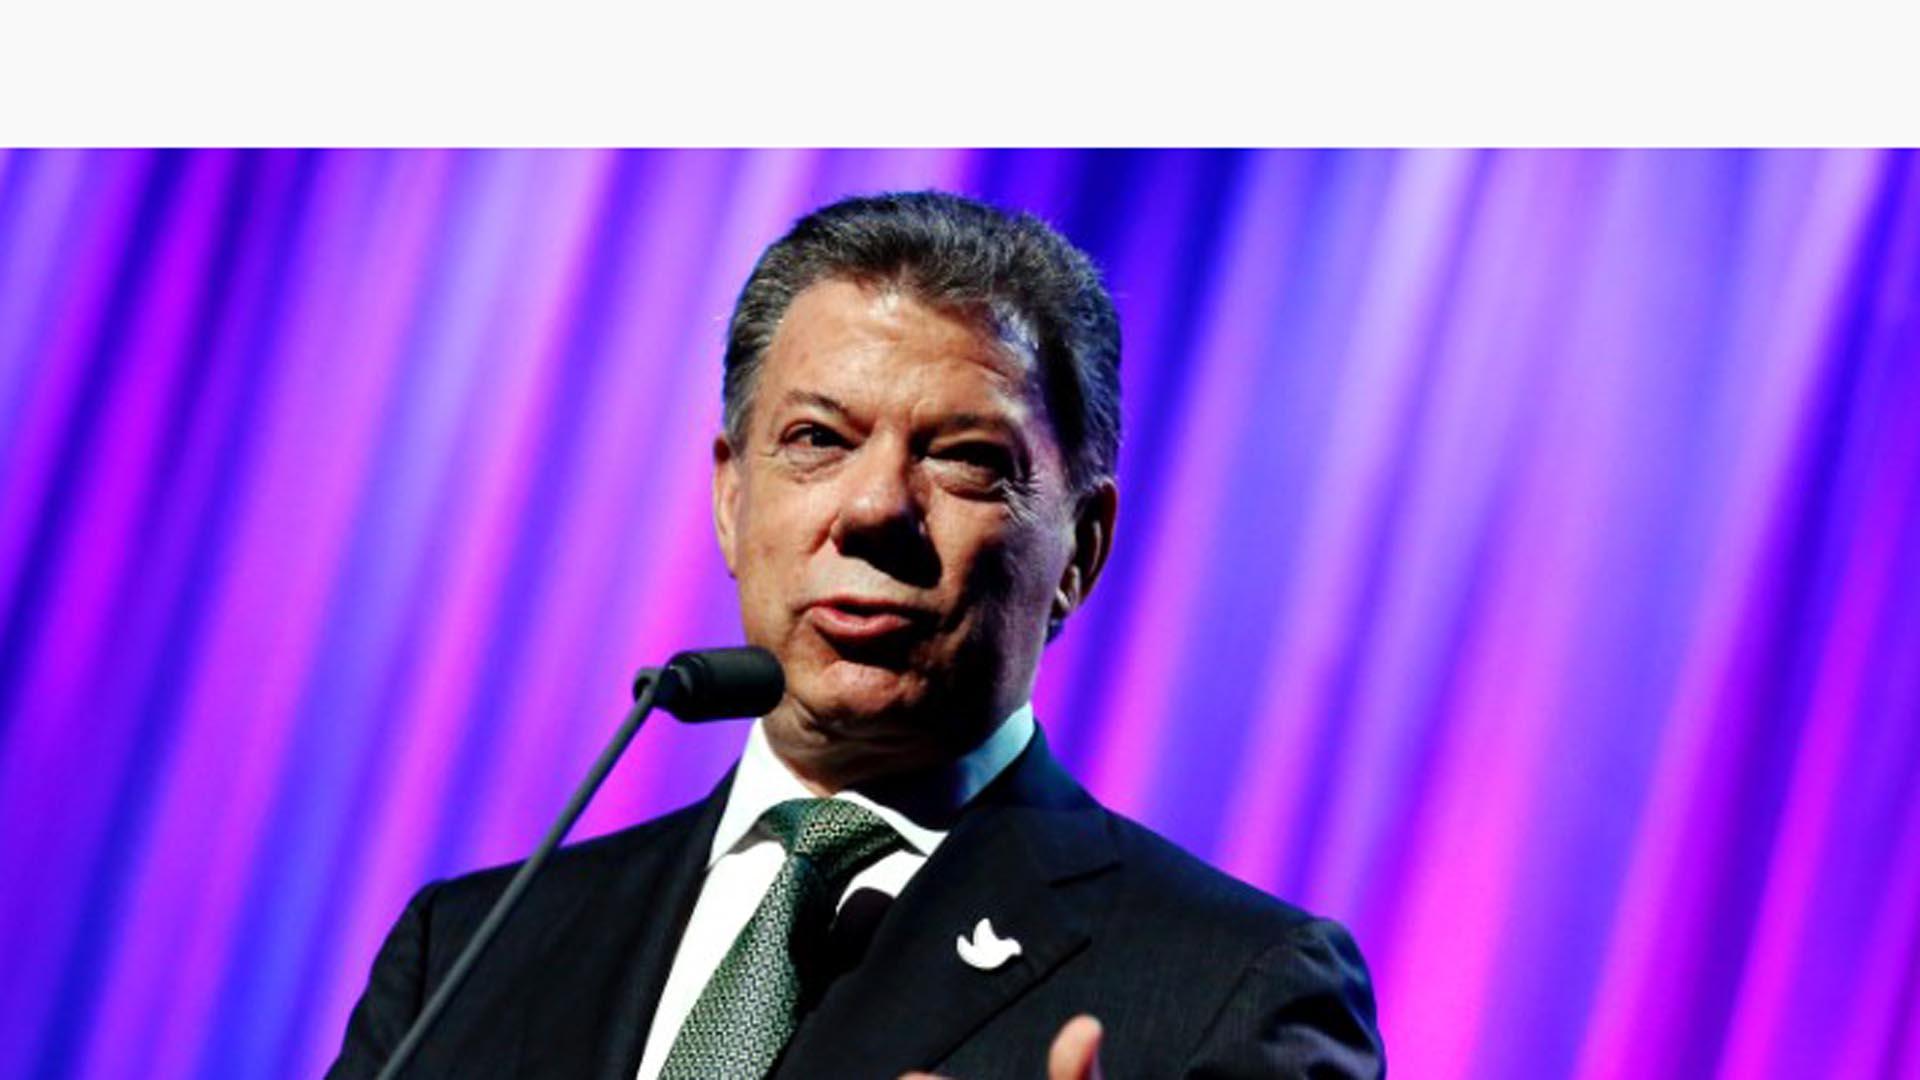 Los ministros de Interior, del Posconflicto y un senador viajaron a la isla para discutir las propuestas con las FARC